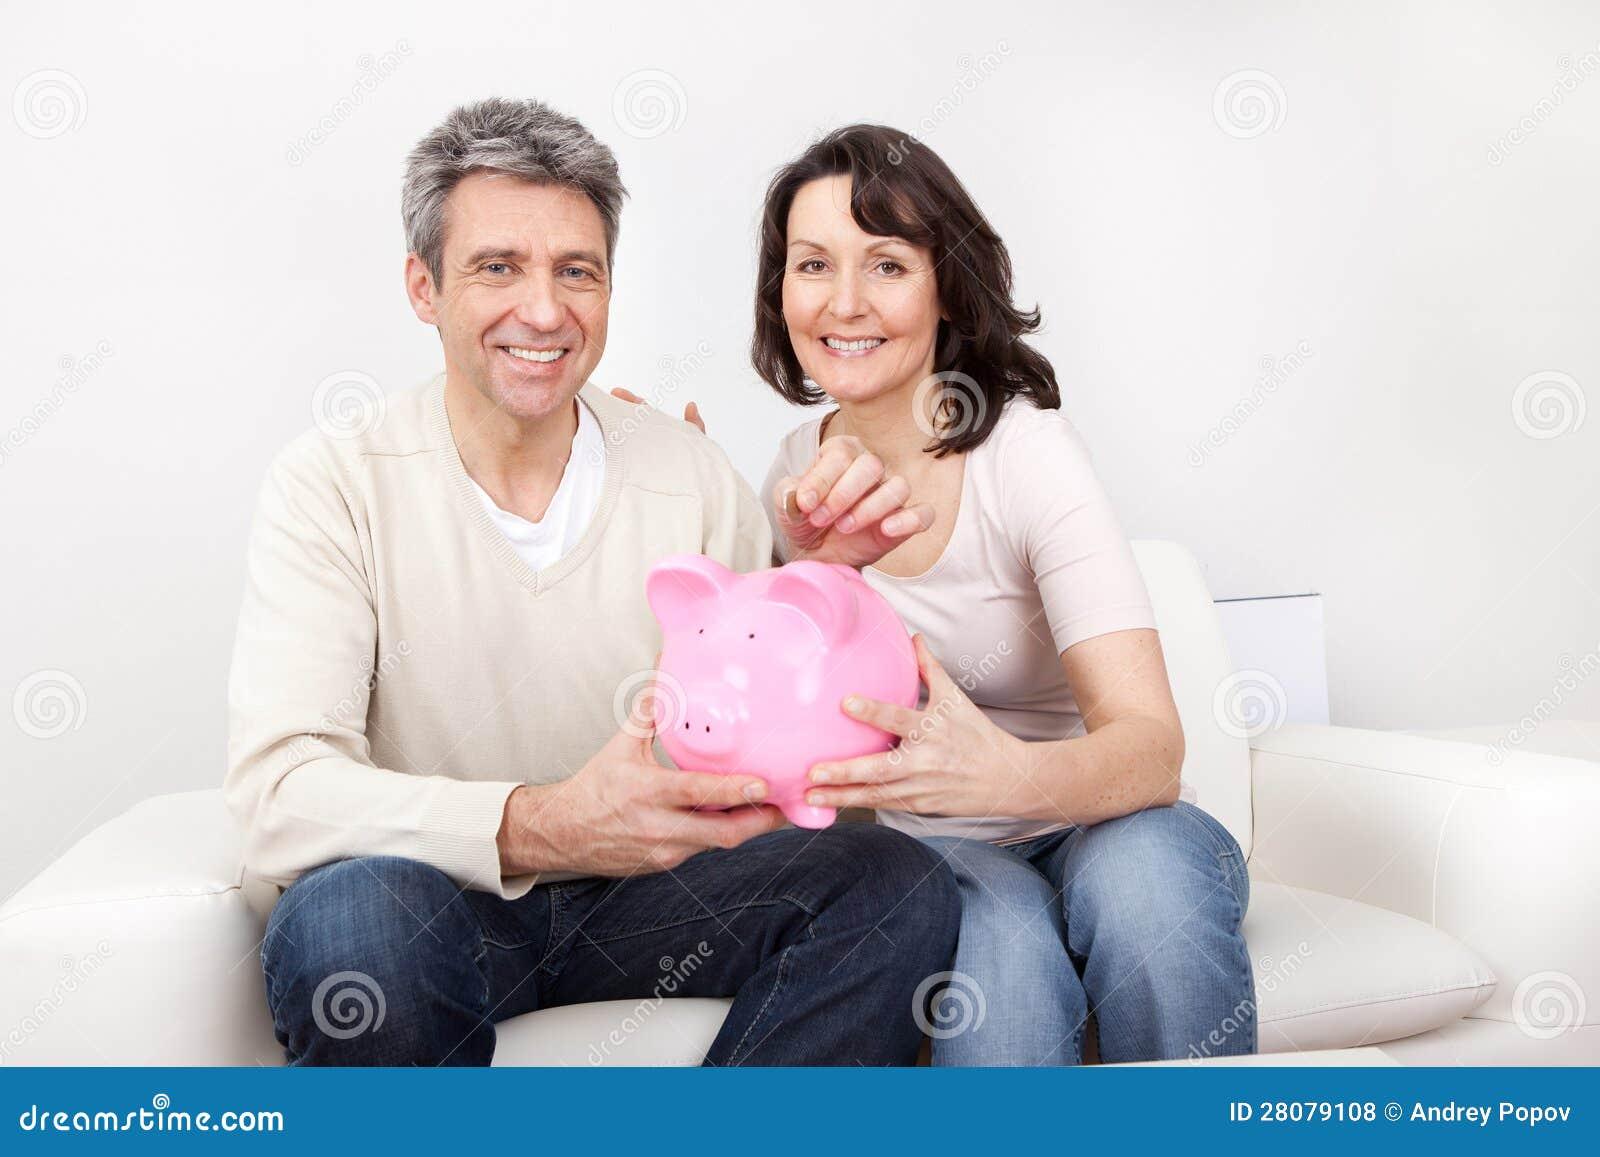 семейная пара познакомится с мужчиной мамба